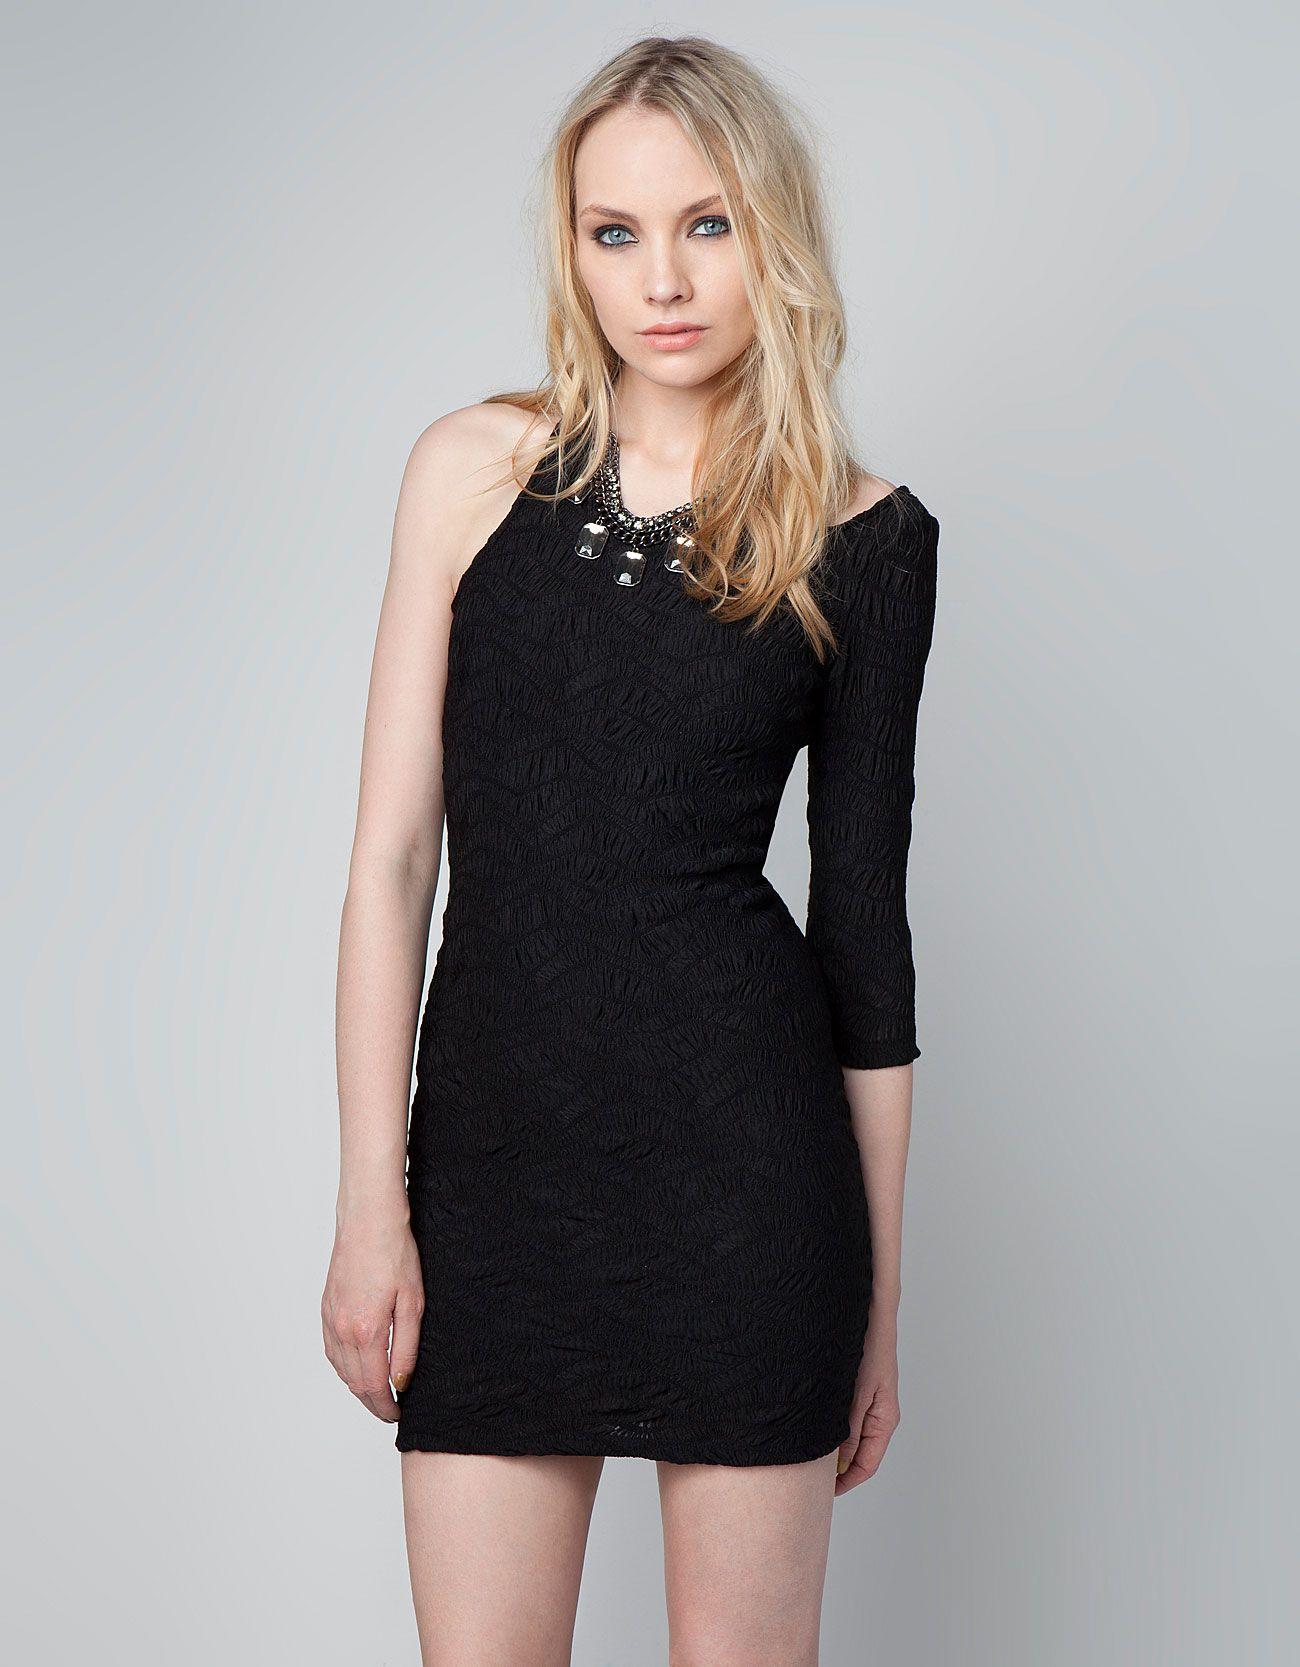 Bershka Turkey Bershka Asymmetrical Fantasy Fabric Dress Moda Stilleri Kadin Modasi Mini Elbiseler